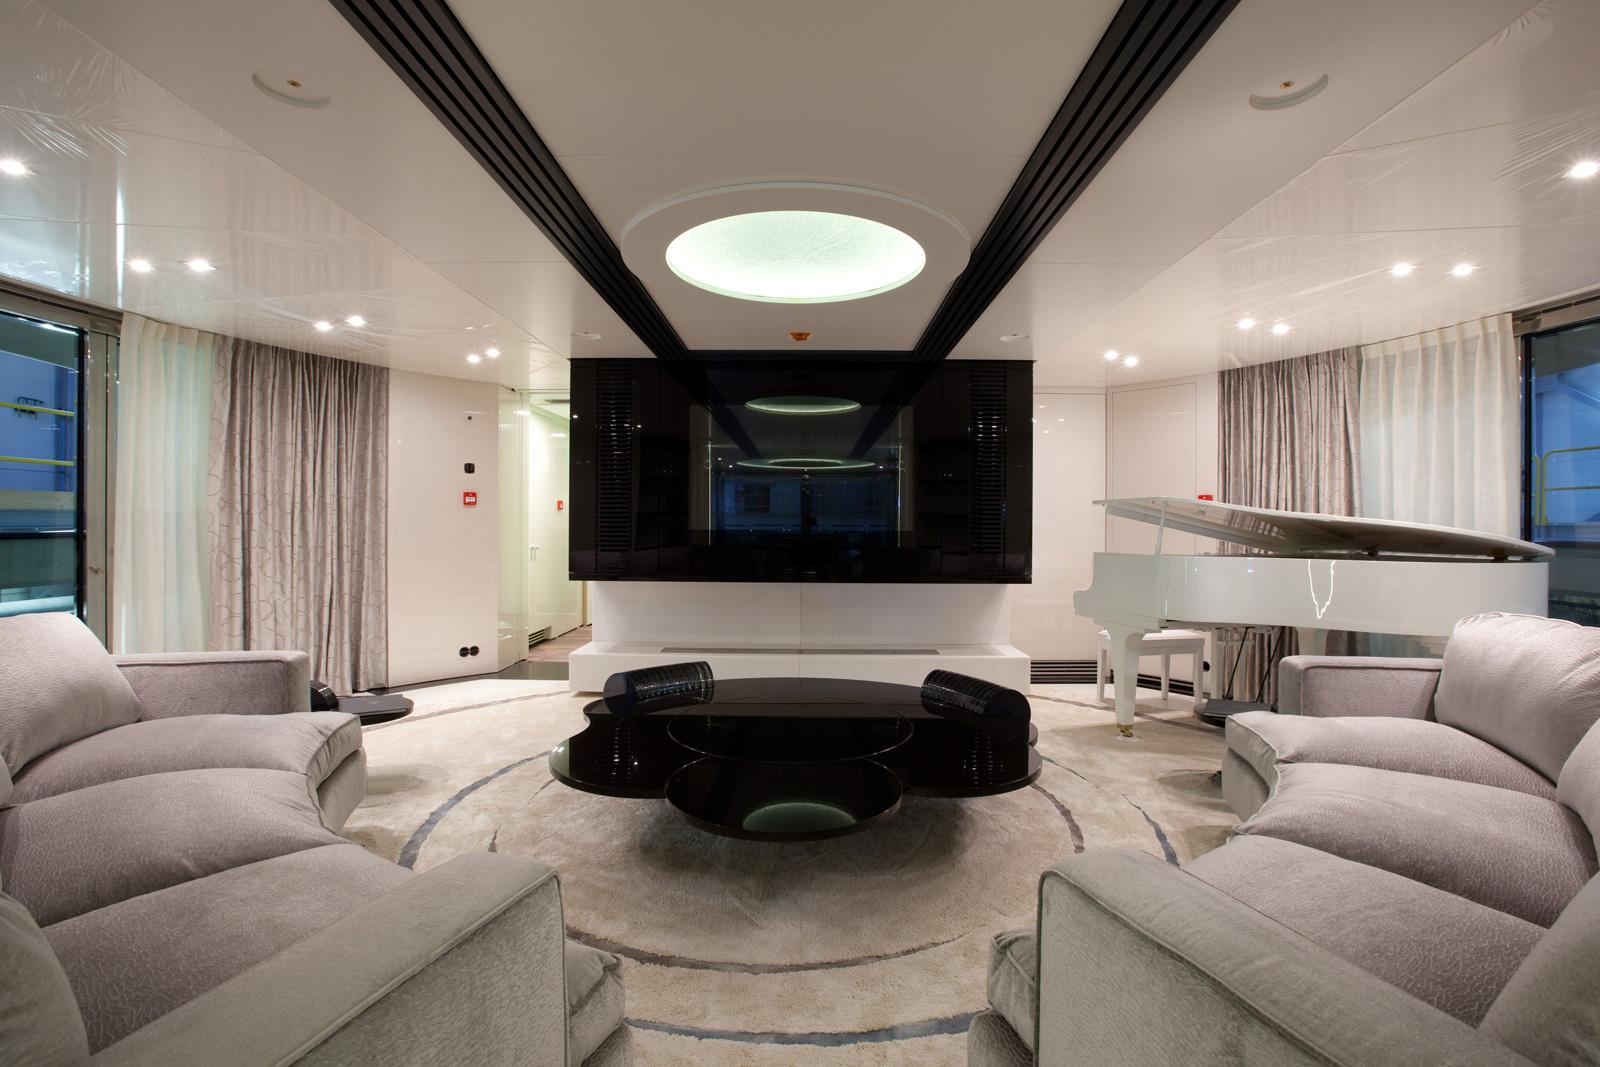 Quinta Essentia 55m Superyacht By Hessen EXtravaganzi